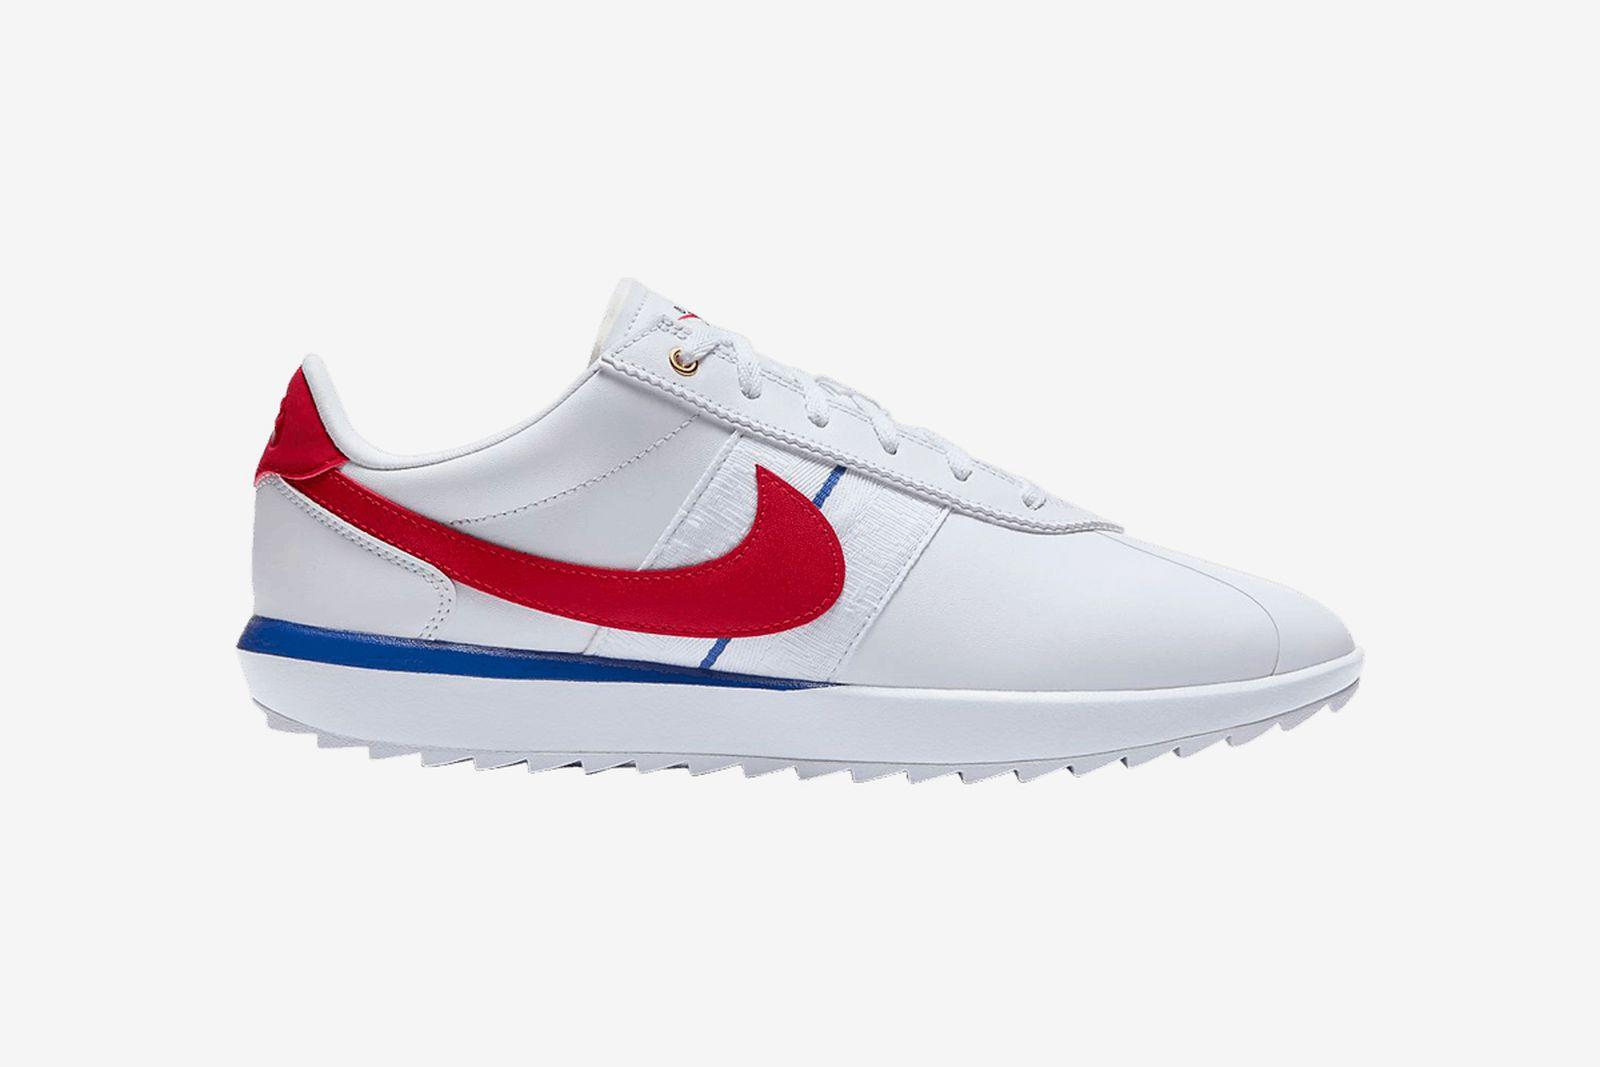 nike-golf-sneakers-09